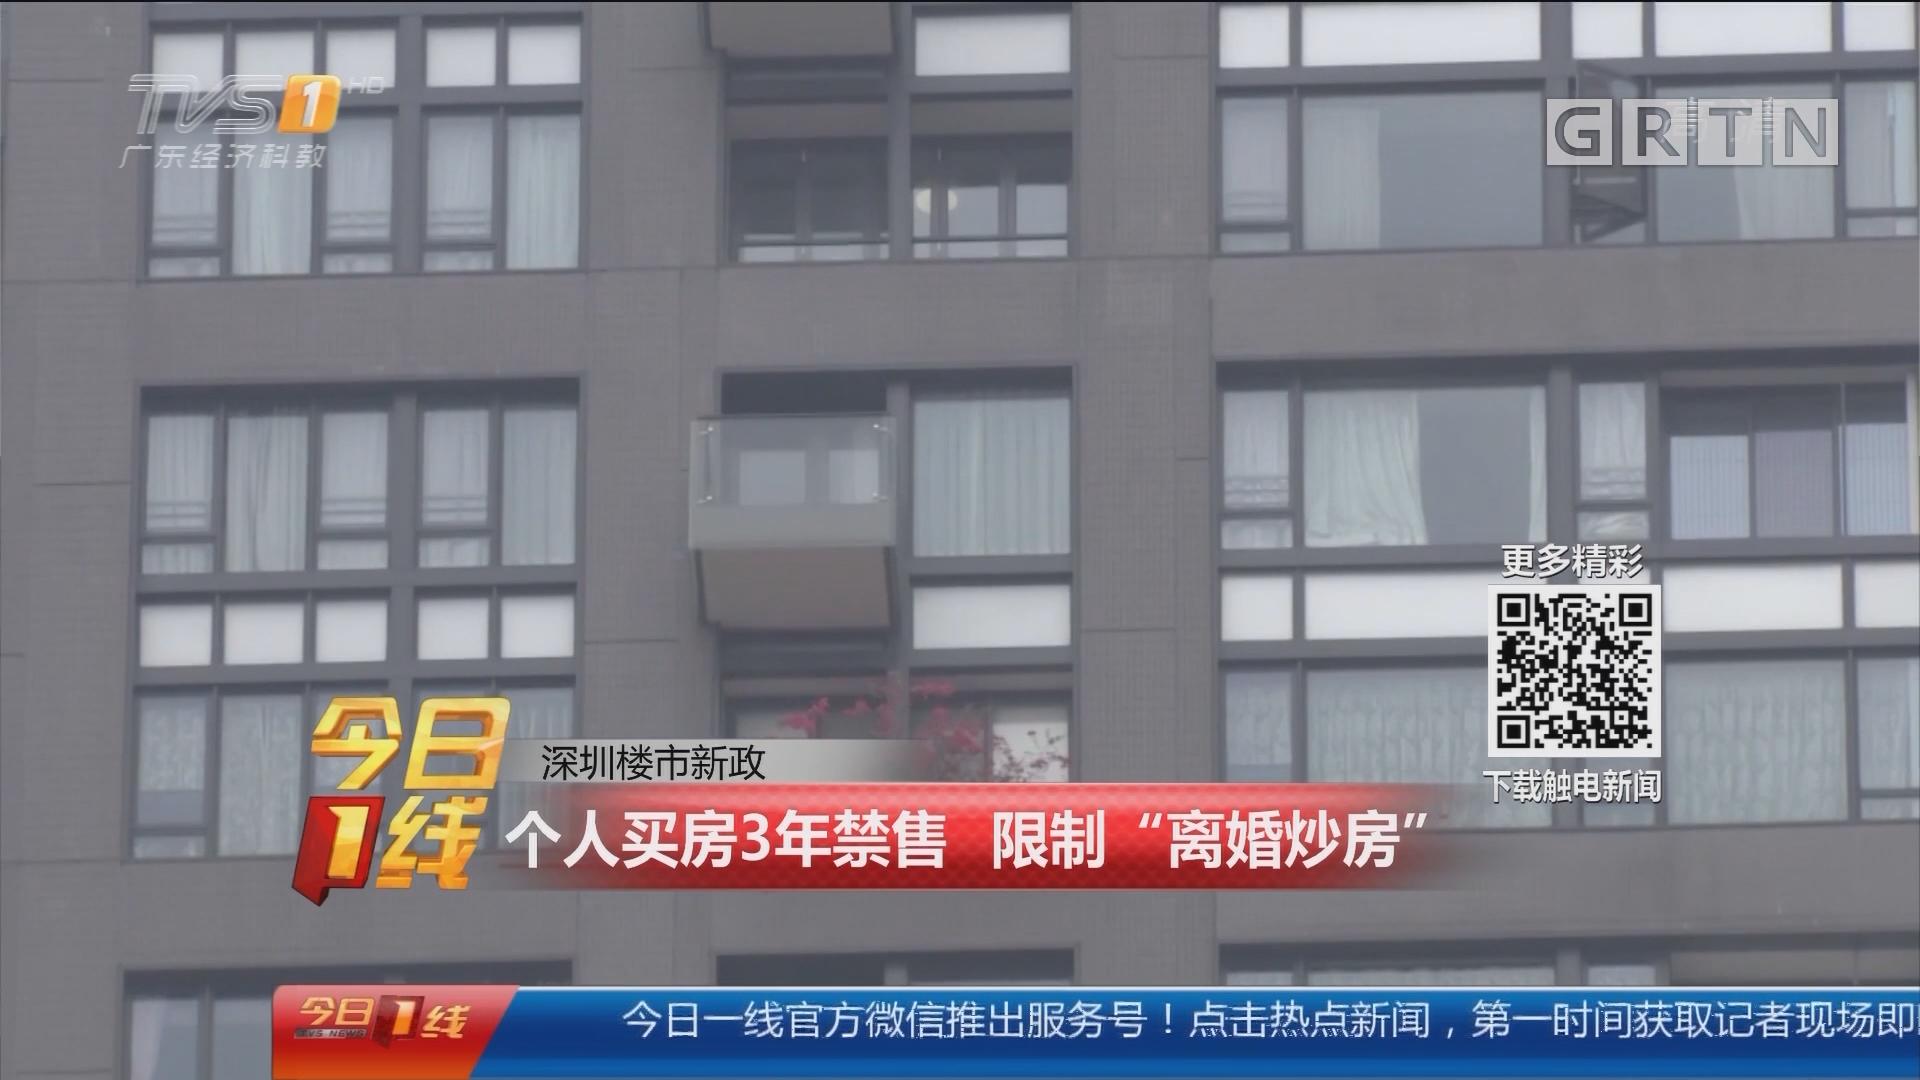 """深圳楼市新政:个人买房3年禁售 限制""""离婚炒房"""""""